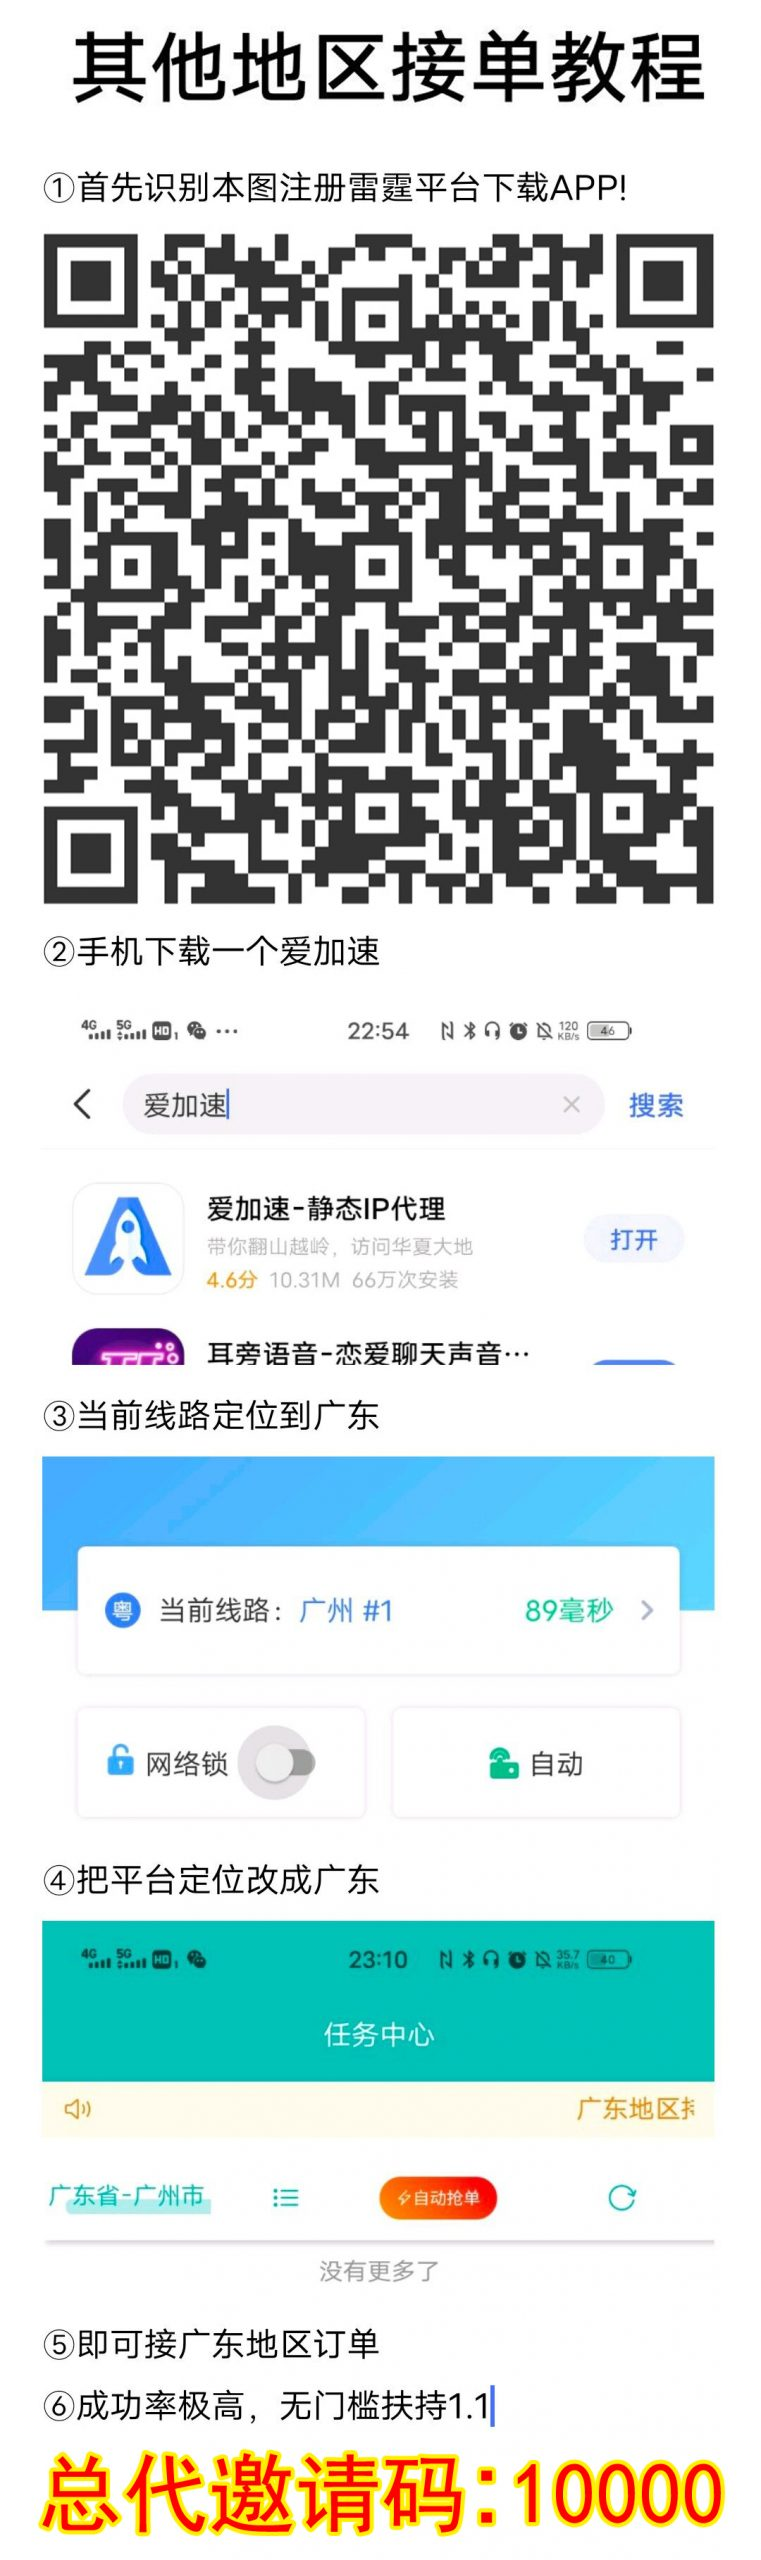 雷霆接单app微信接单赚钱软件-有朝壹日